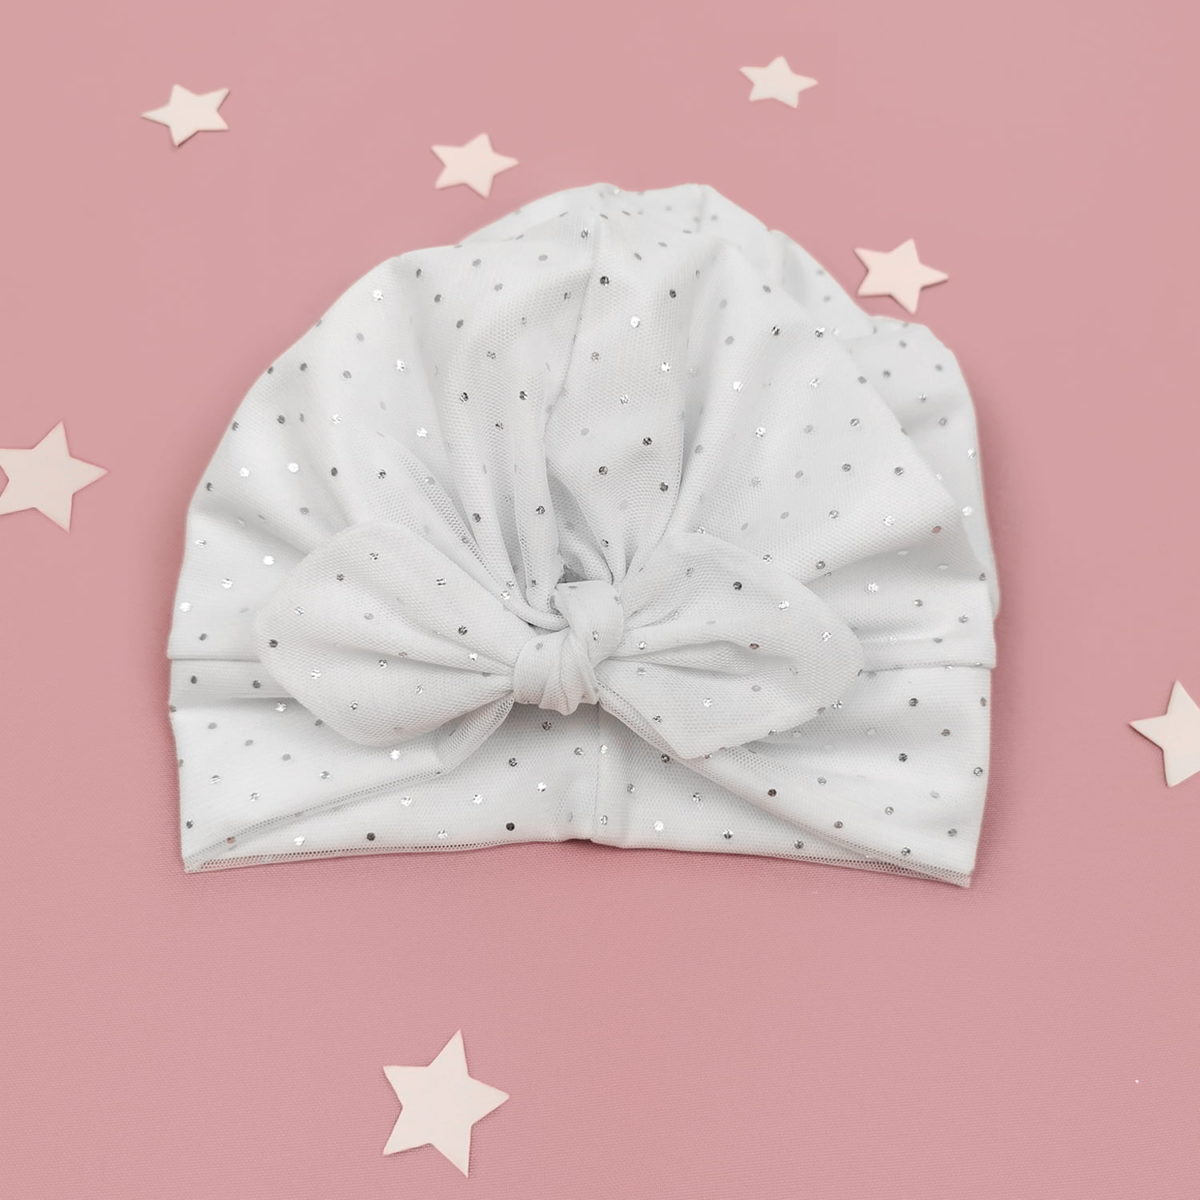 Sparkle mašna turban bijela kapa za bebe i djevojčice